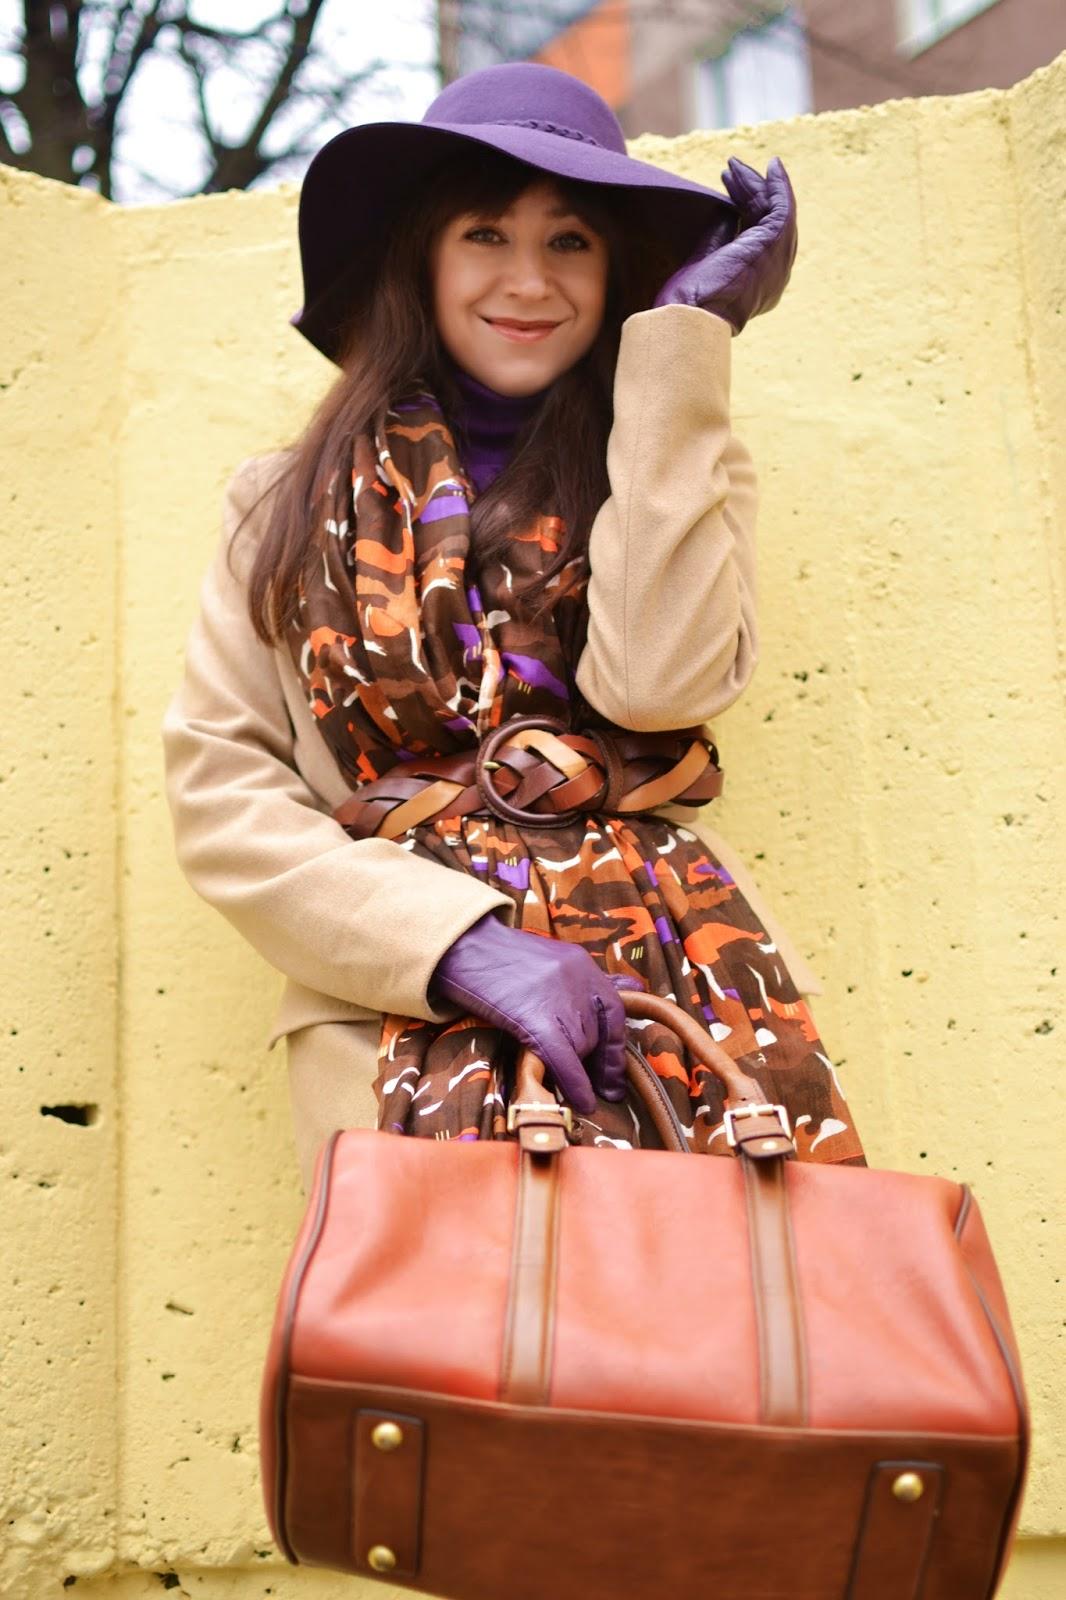 Súhra doplnkov_Katharine-fashion is beautiful_Fialový klobúk Parfois_Vzorovaný šál_Fialové pančuchy_Katarína Jakubčová_Fashion blogger